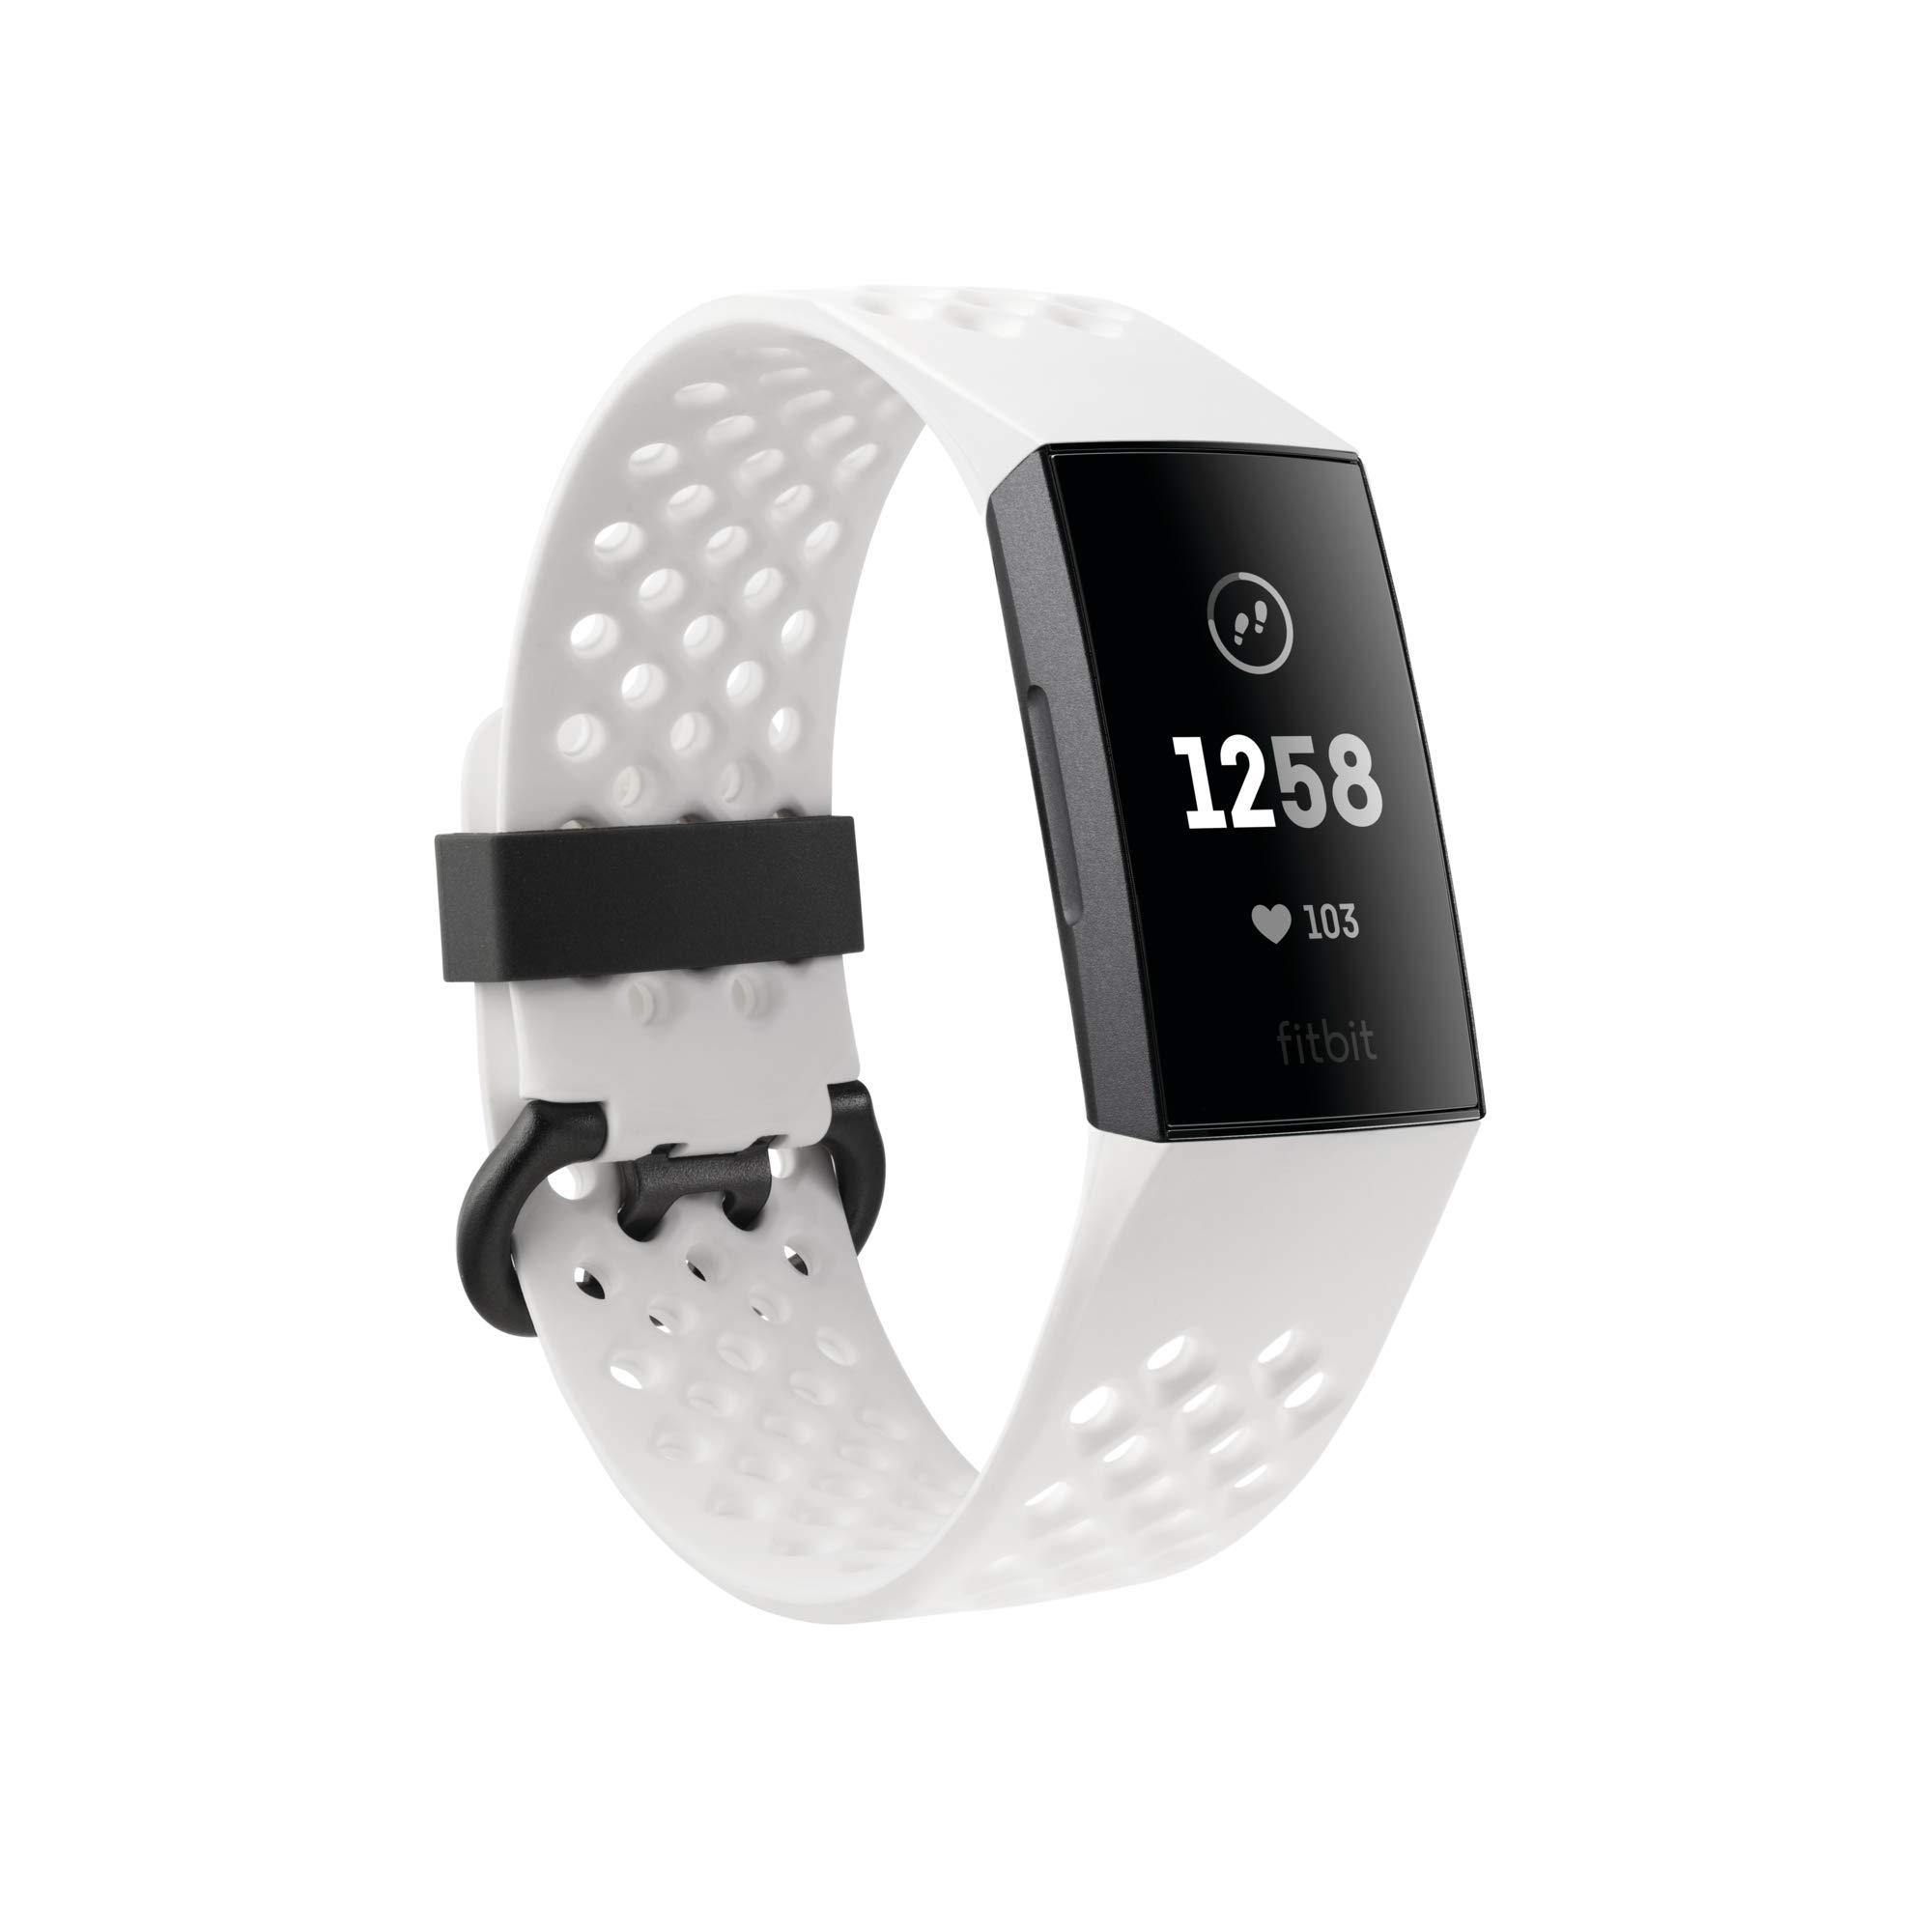 Fitbit Charge 3 Pulsera Avanzada de Salud y Actividad física, Unisex-Adult, Blanco Hielo/Aluminio Color Grafito, Talla… 1